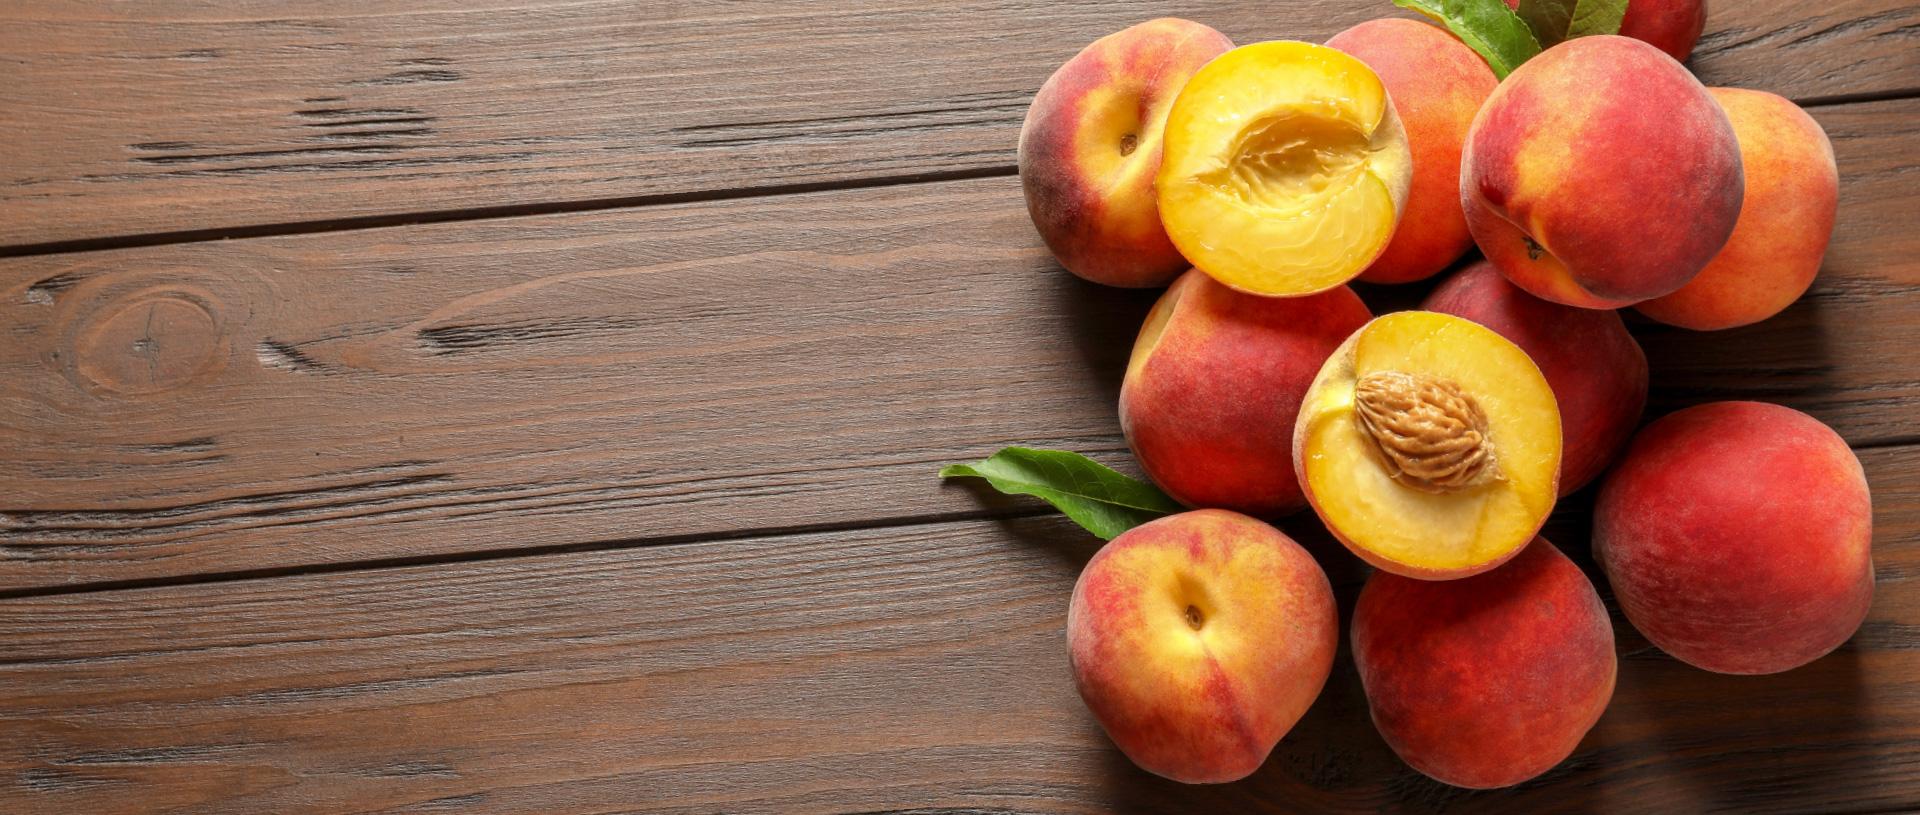 Niagara Grown Peaches